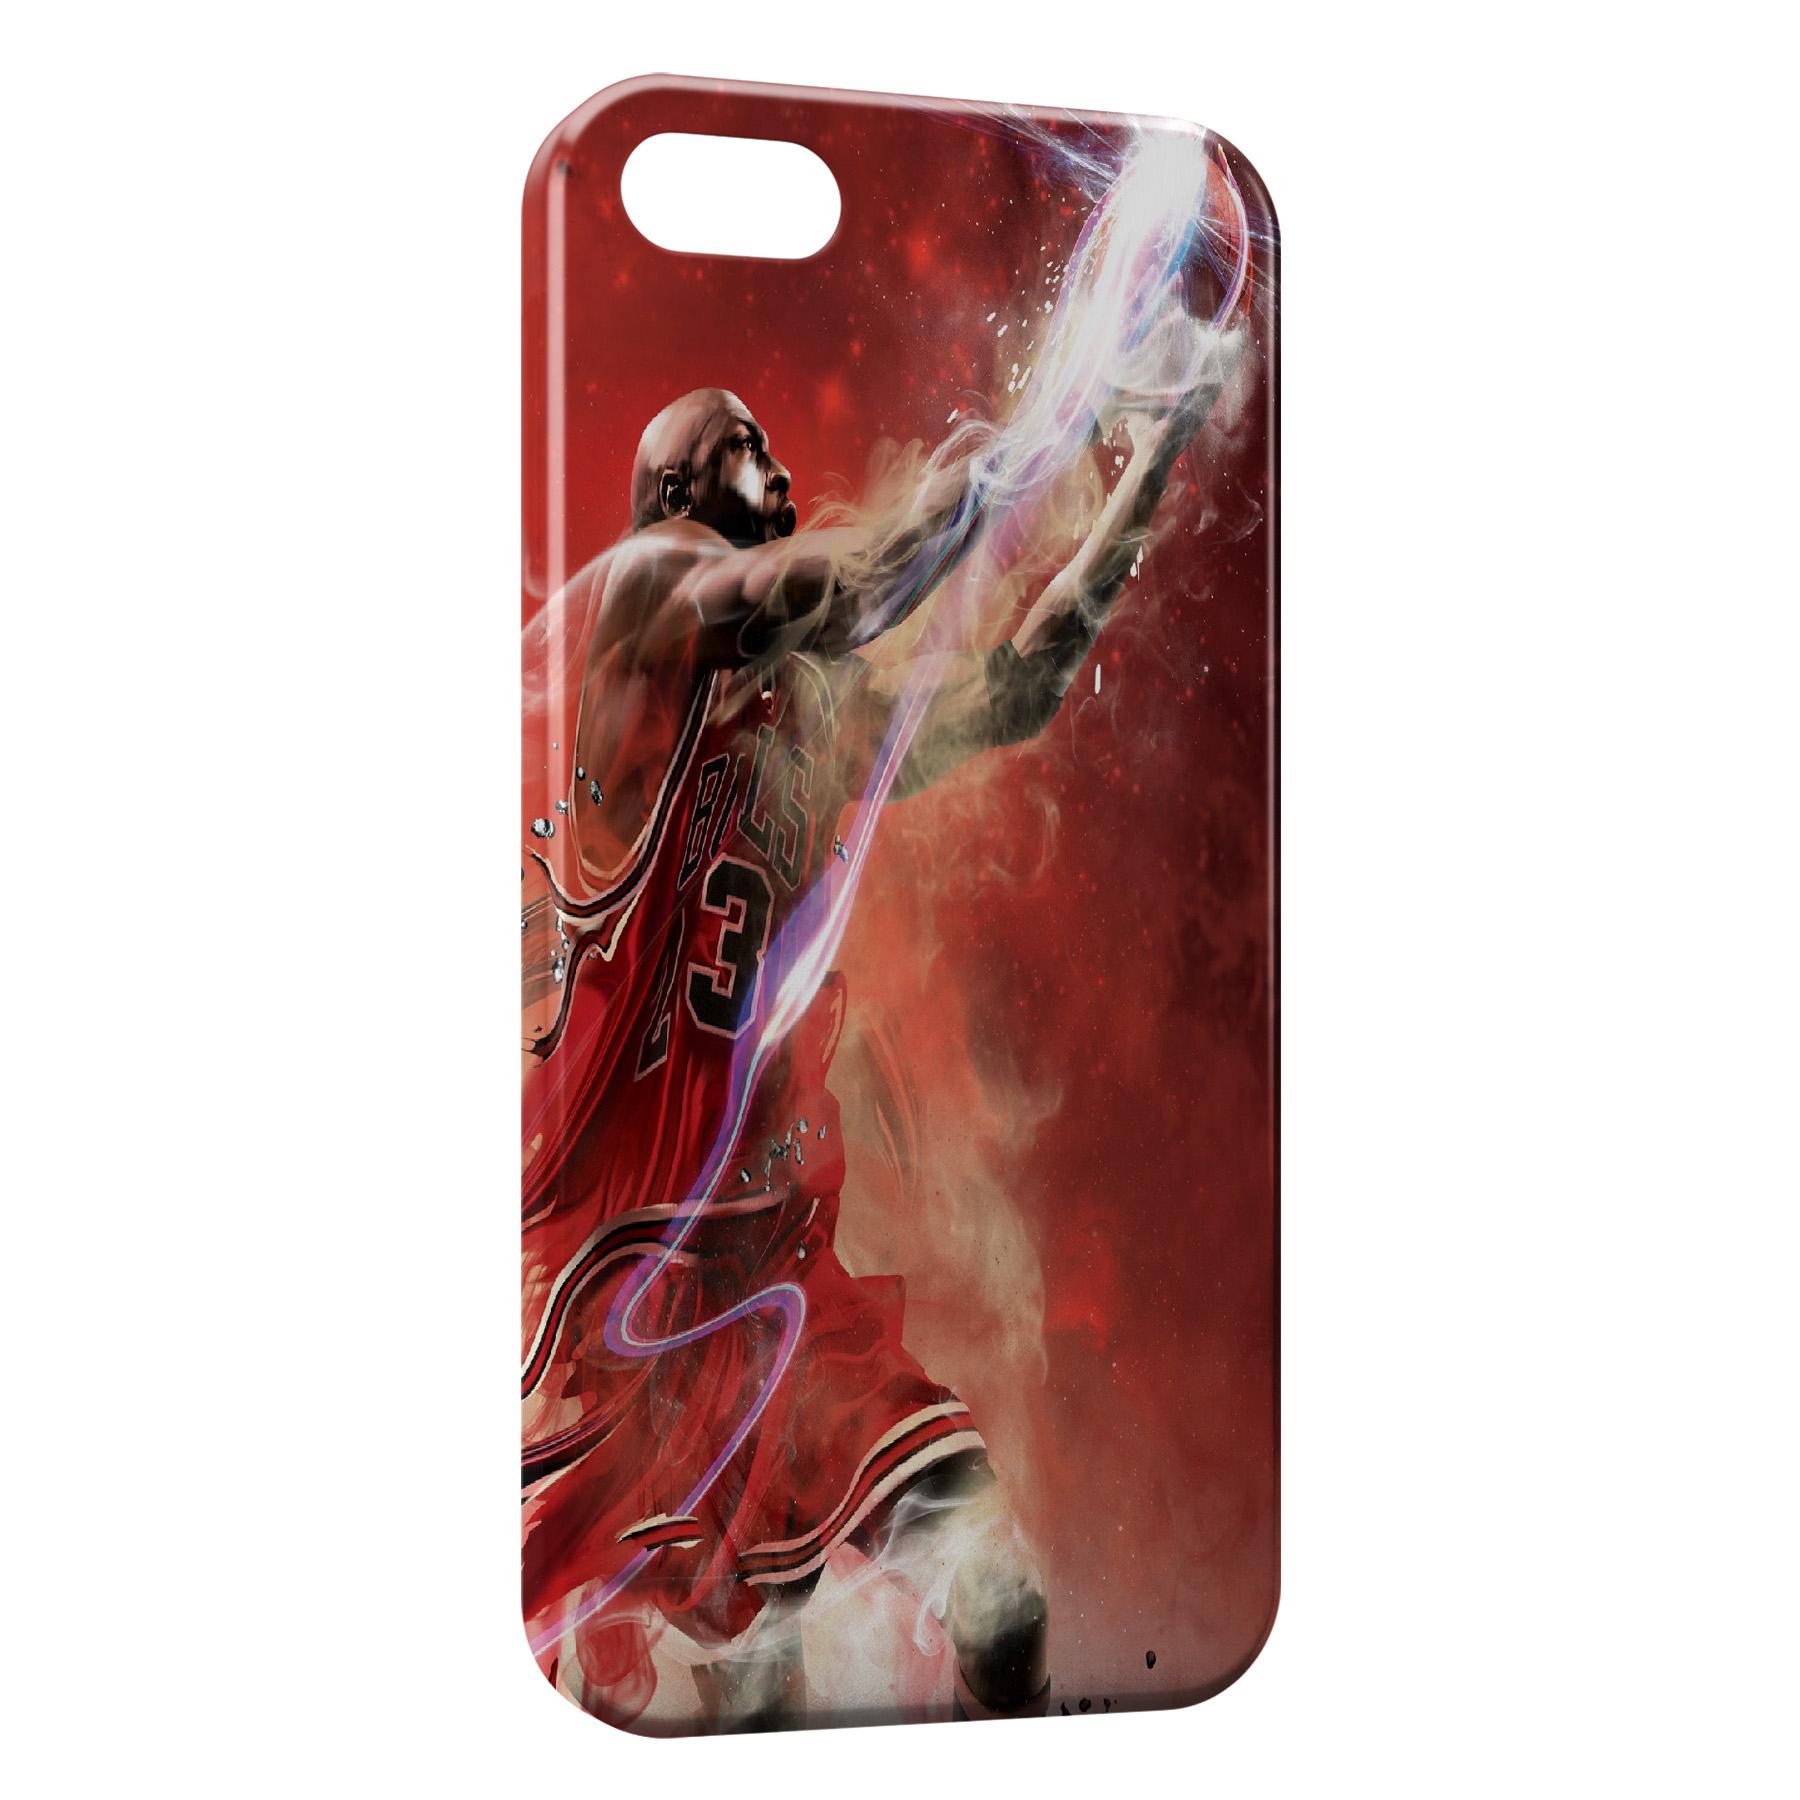 Coque iPhone 7 7 Plus Michael Jordan Chicago Bulls Art 3